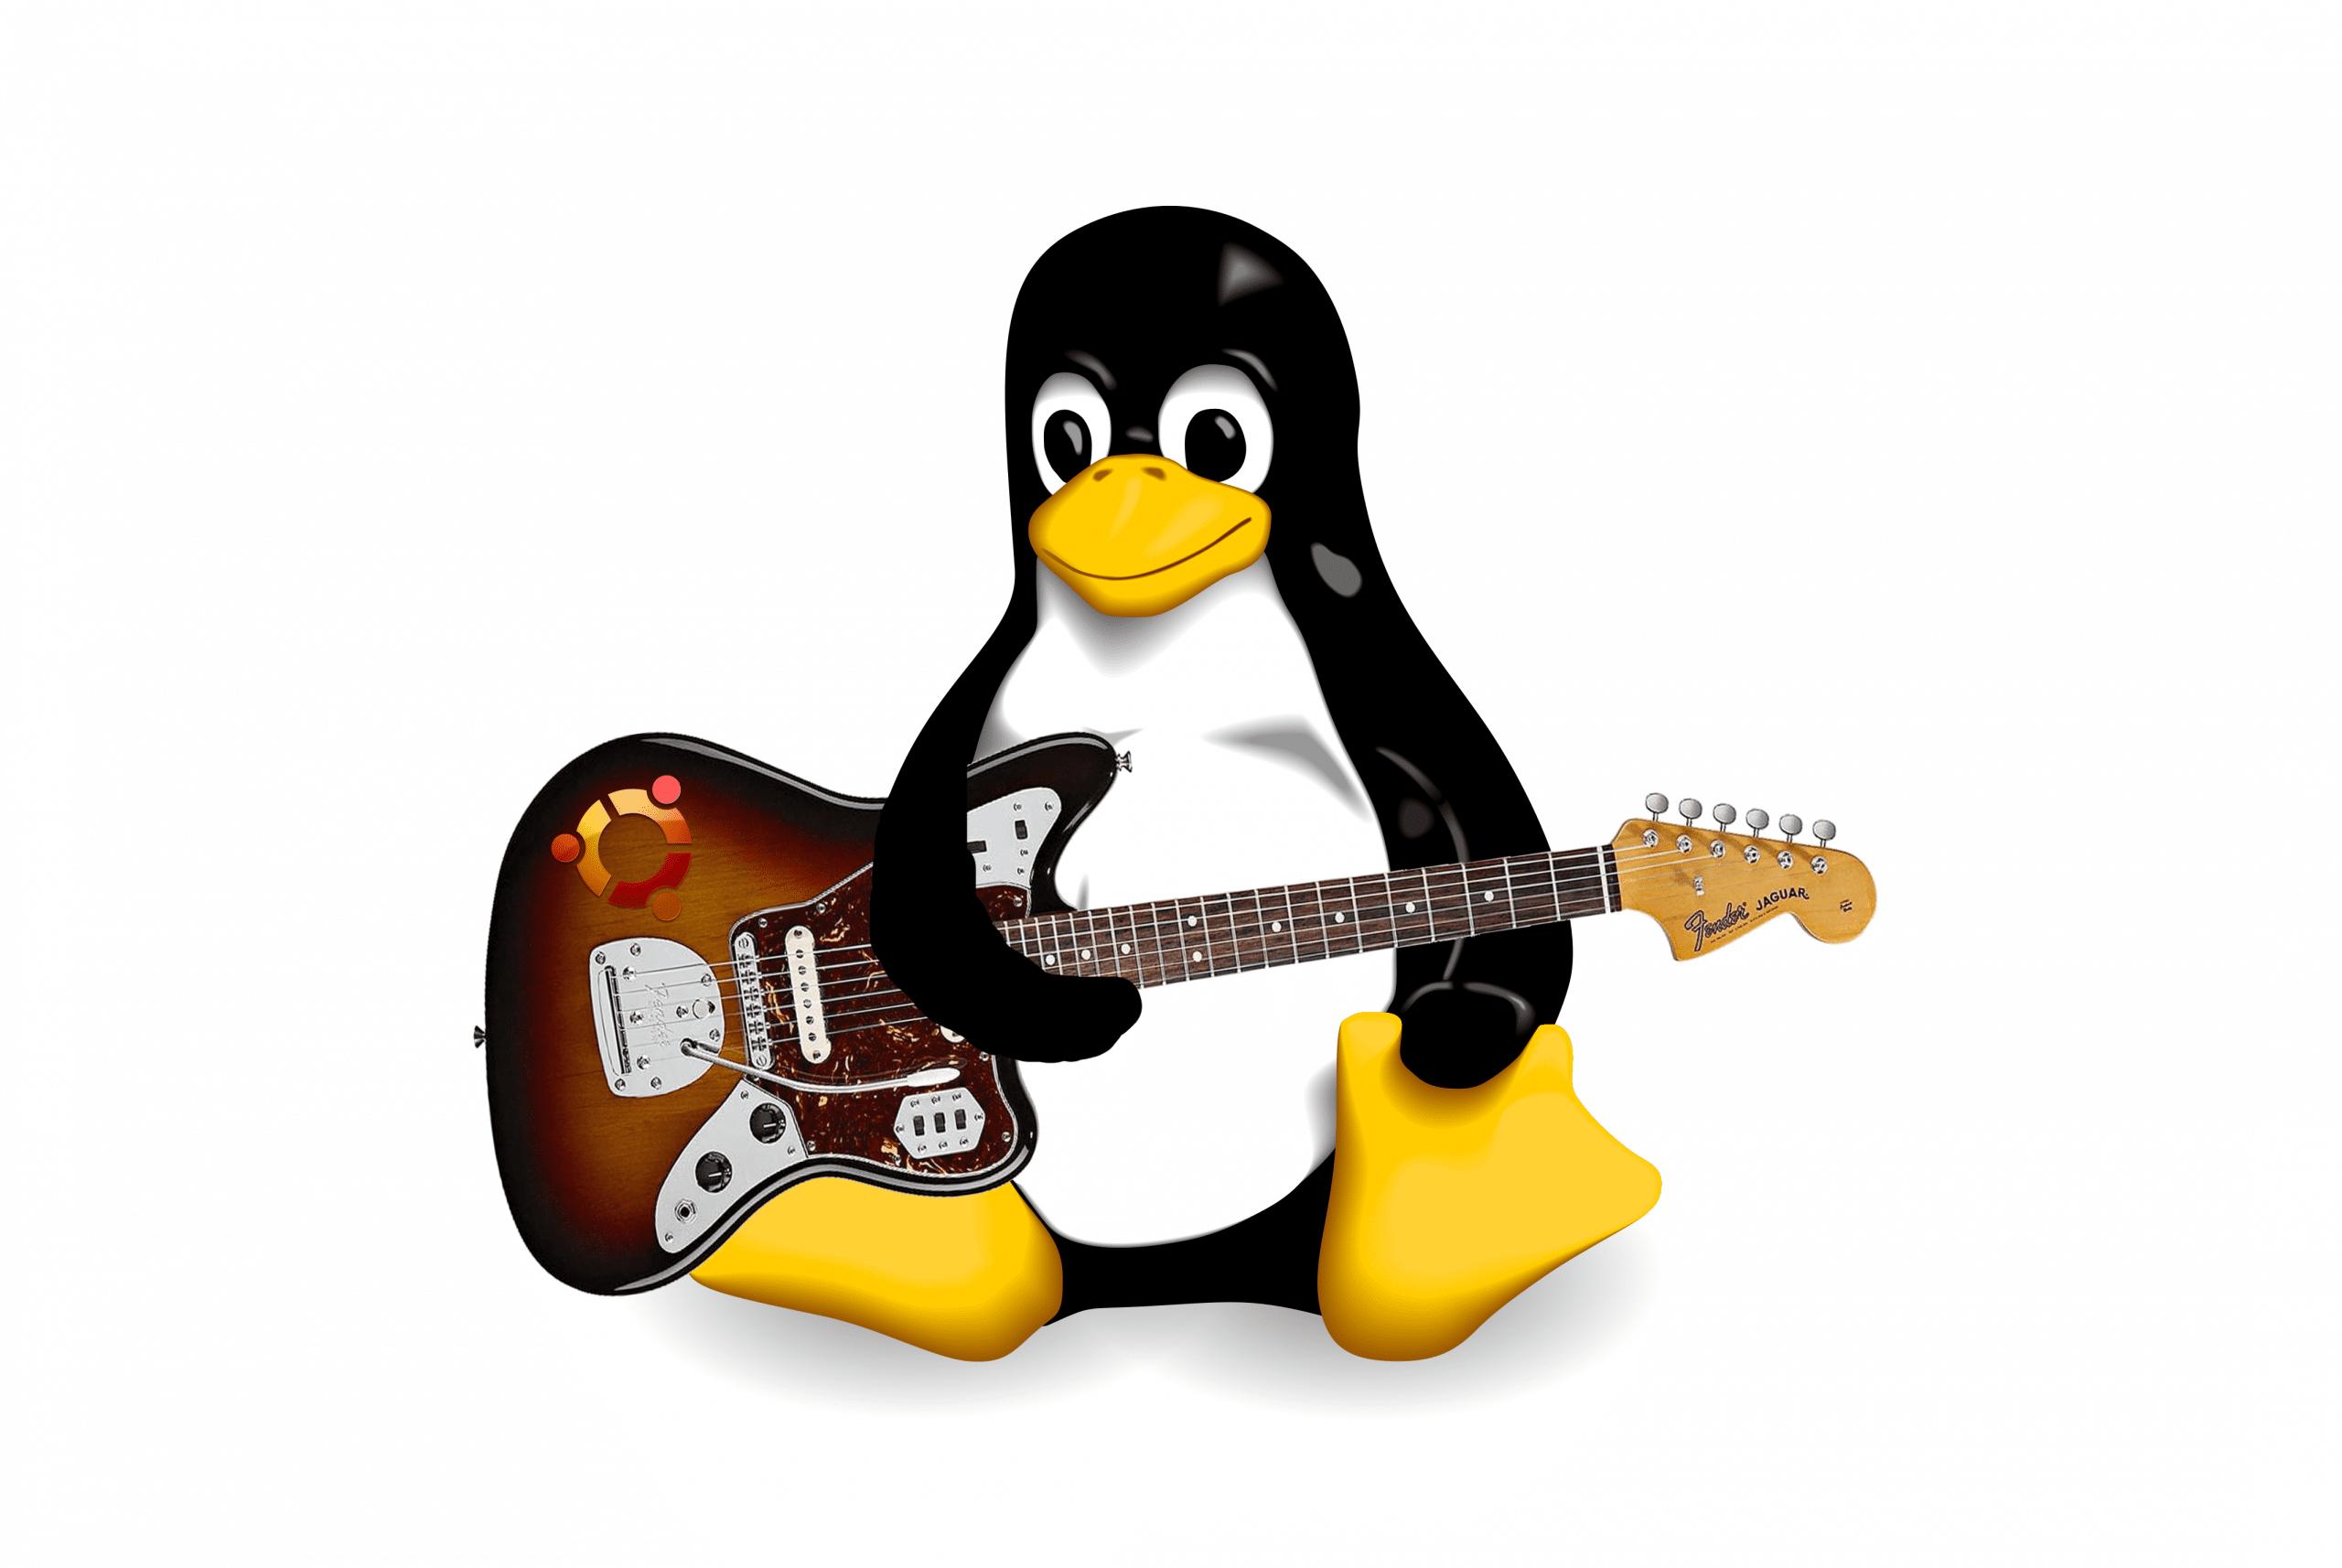 Programas en GNU/Linux para músicos